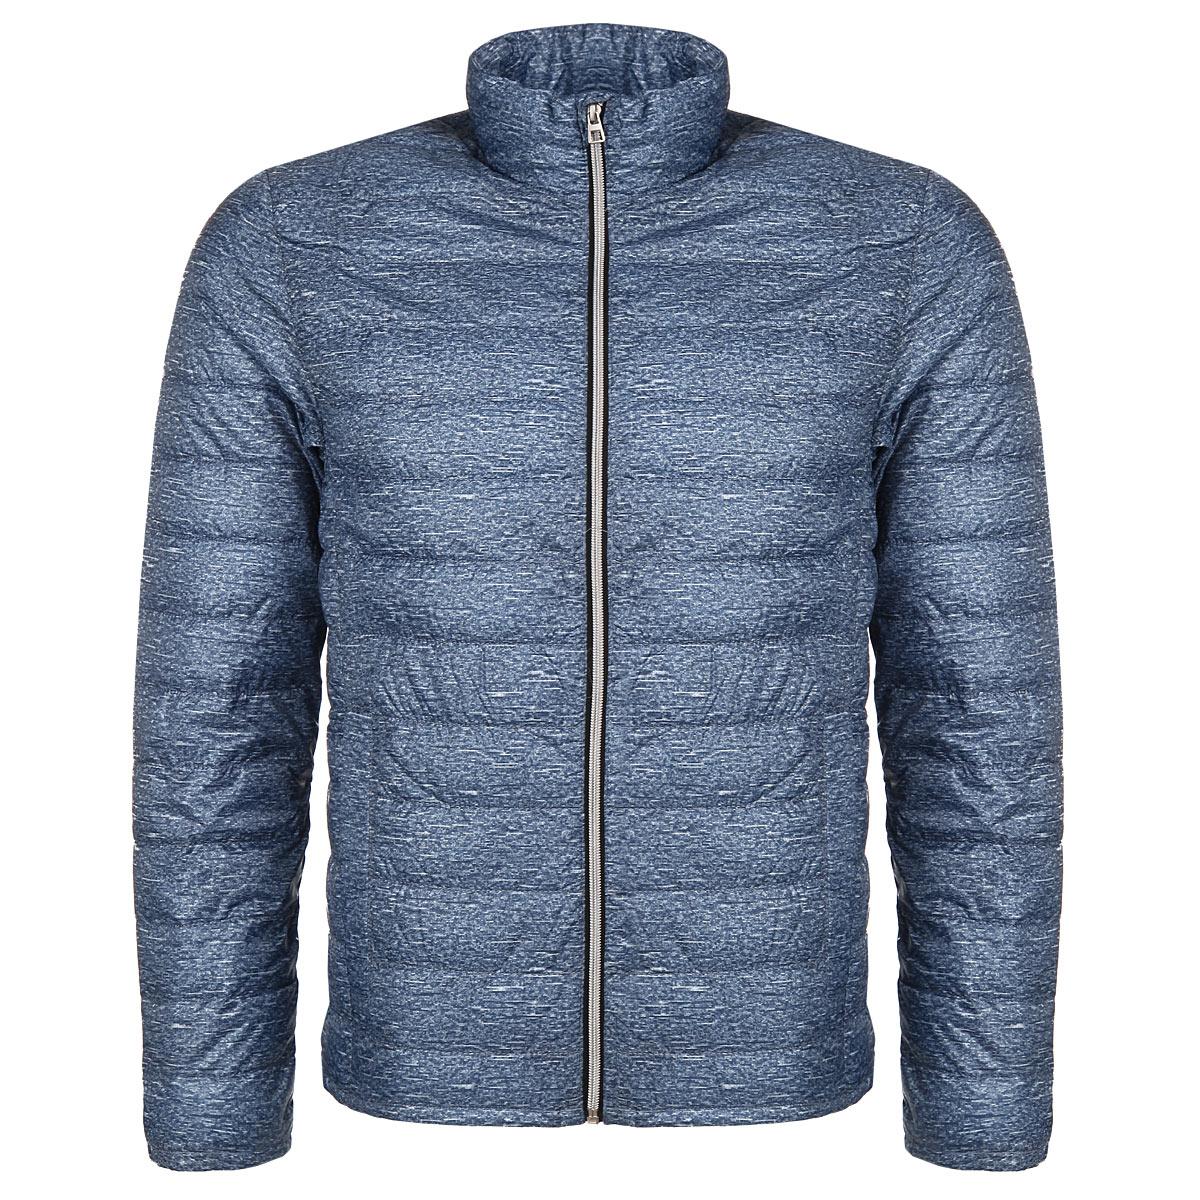 Куртка3522408.00.12Стильная и легкая мужская куртка Tom Tailor Denim отлично подойдет для прохладной погоды. Модель прямого кроя с воротником-стойкой застегивается на застежку-молнию с защитой подбородка. Утеплитель выполнен из синтепона. Куртка оформлена стеганой отстрочкой и дополнена двумя боковыми карманами. На внутренней стороне - два накладных кармана. Эта модная куртка послужит отличным дополнением к вашему гардеробу. В комплекте чехол для хранения куртки на кулиске.